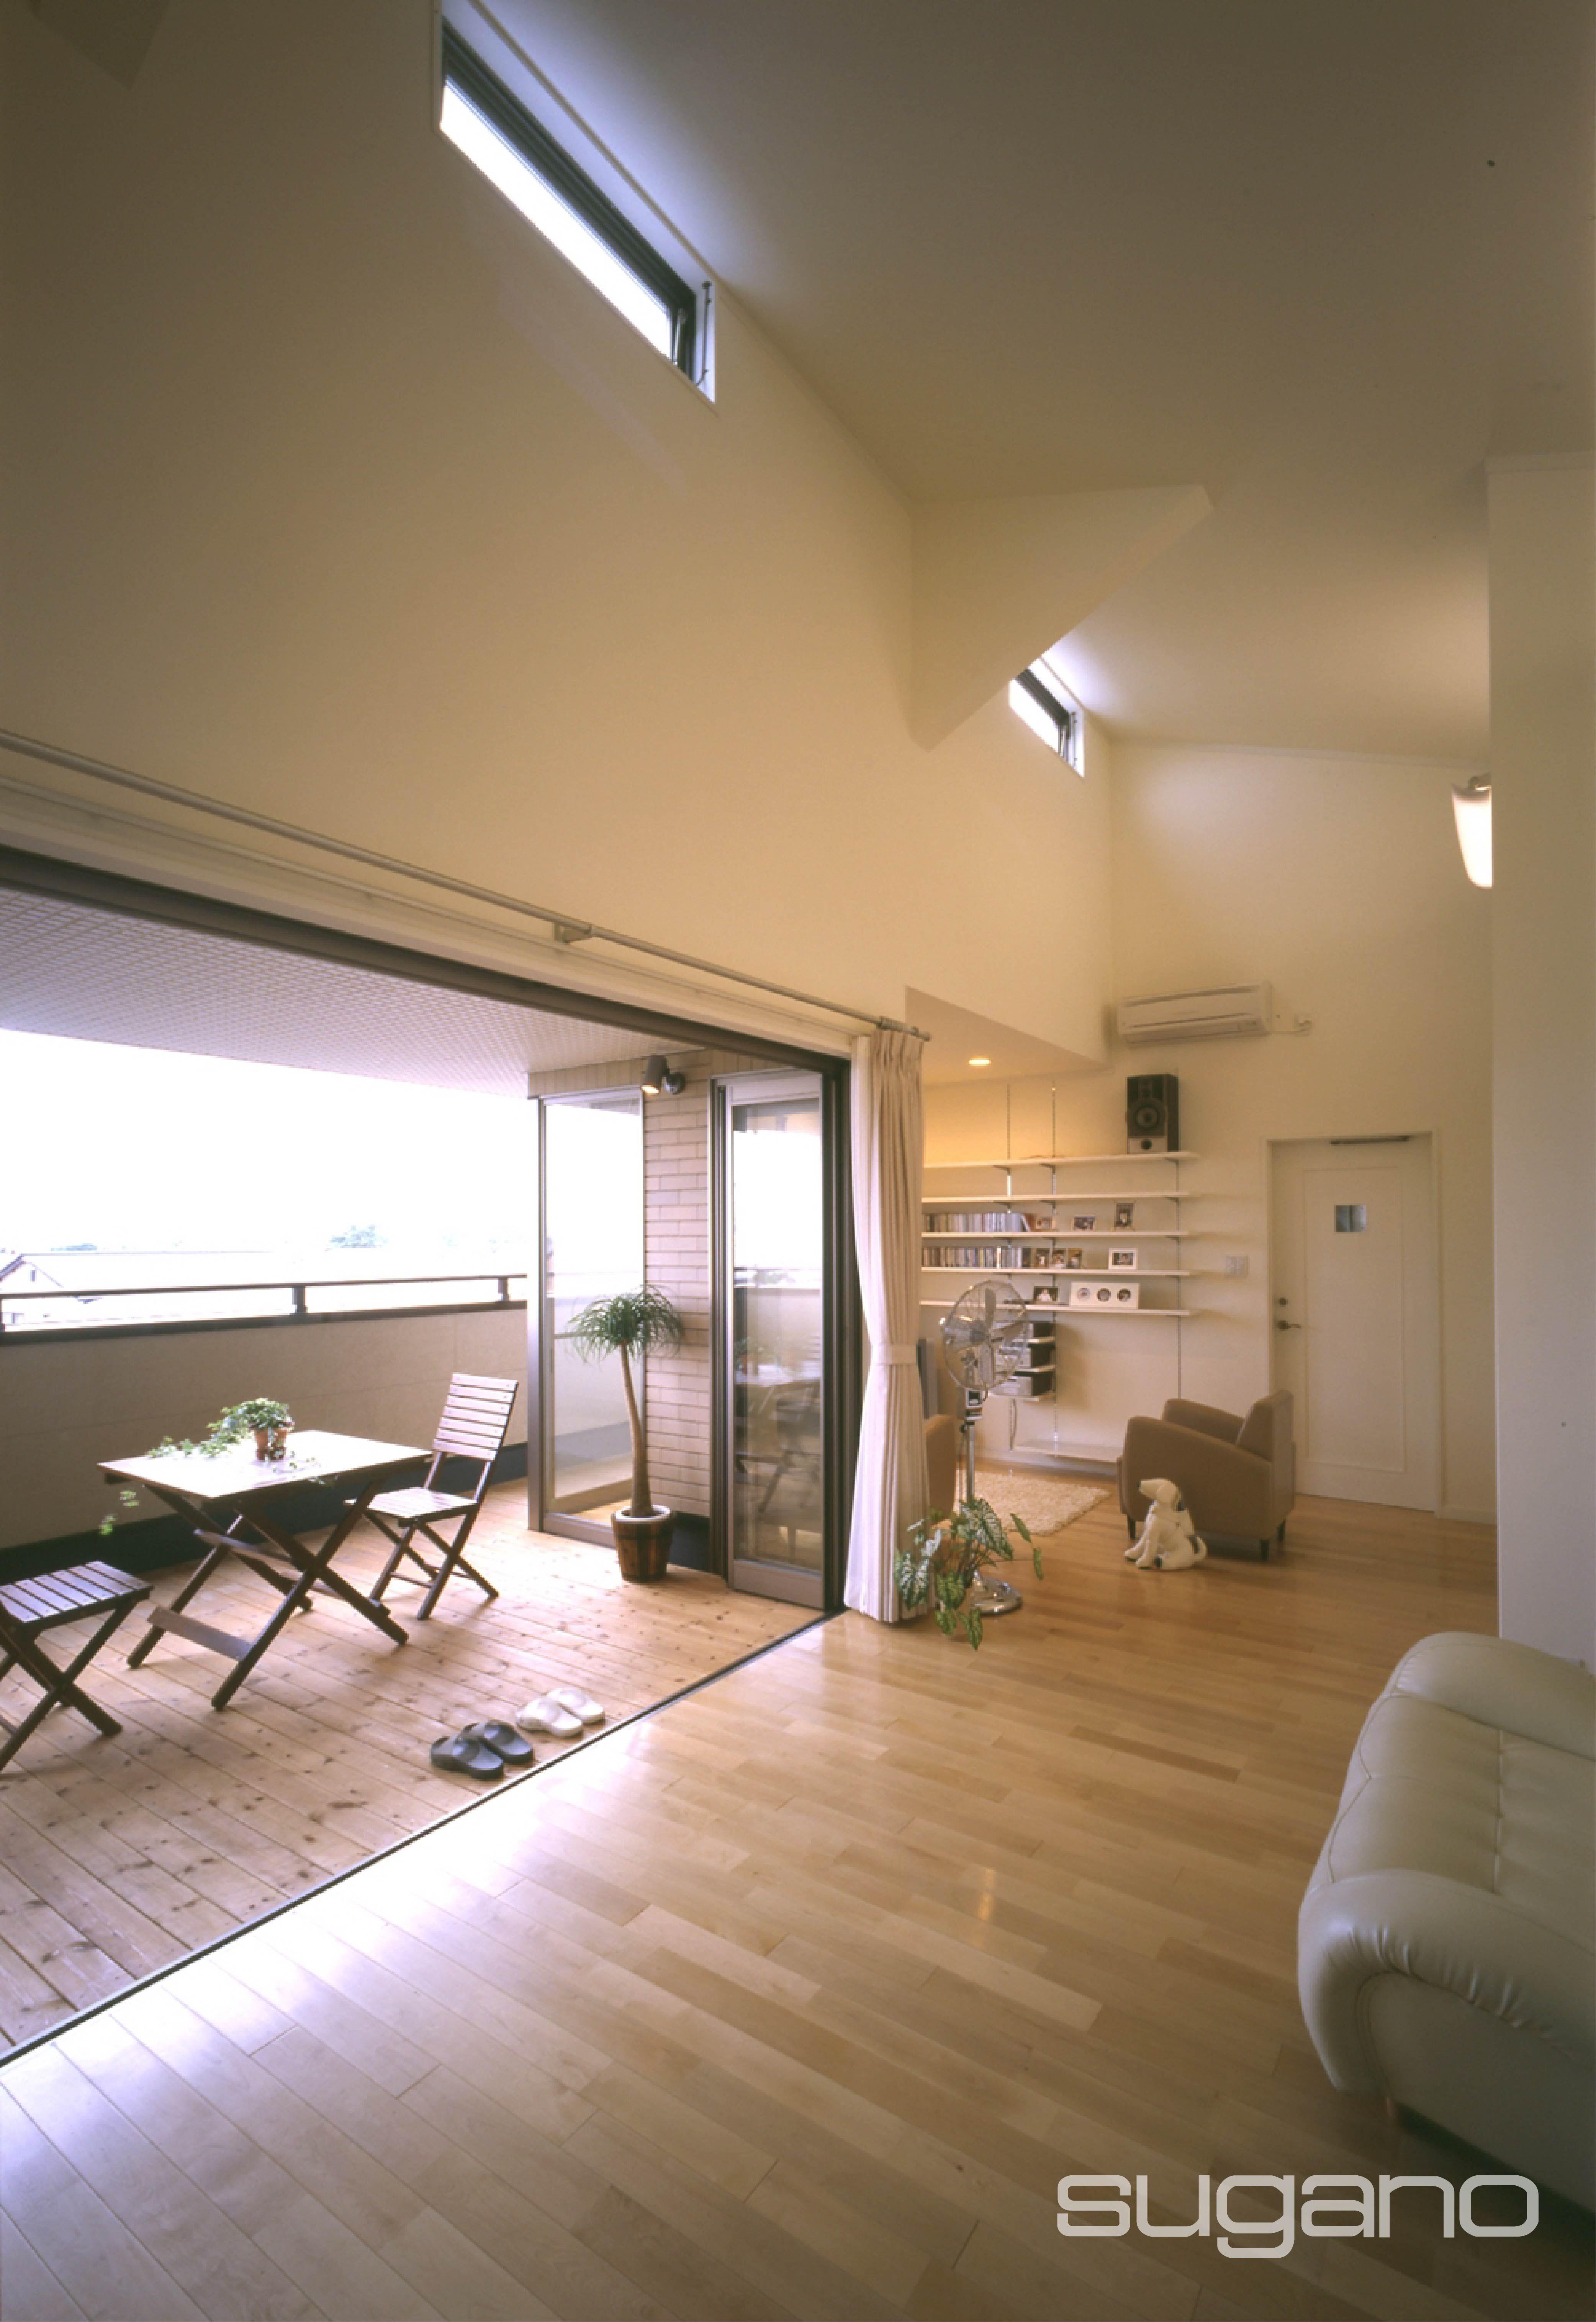 外部と繋がるldk 新築 住宅 Ldk リビング テラス 家づくり